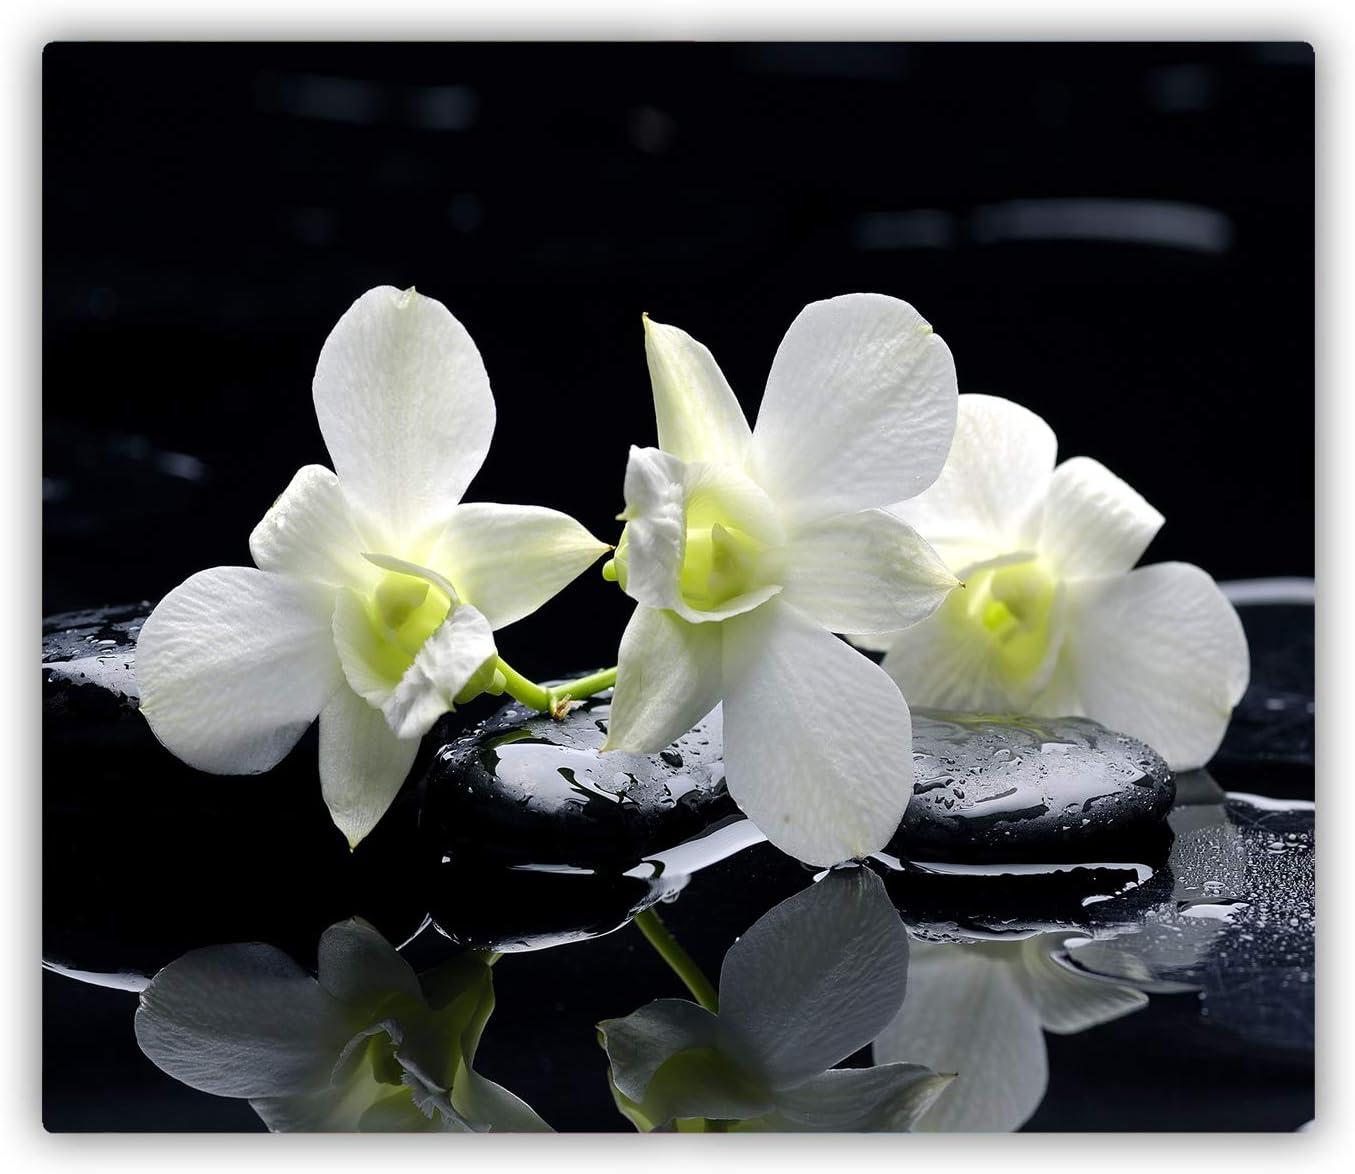 Tulup Tabla De Cortar Cocina 60x52cm - Vidrio Protector De Placa De Induccion - Orquídea